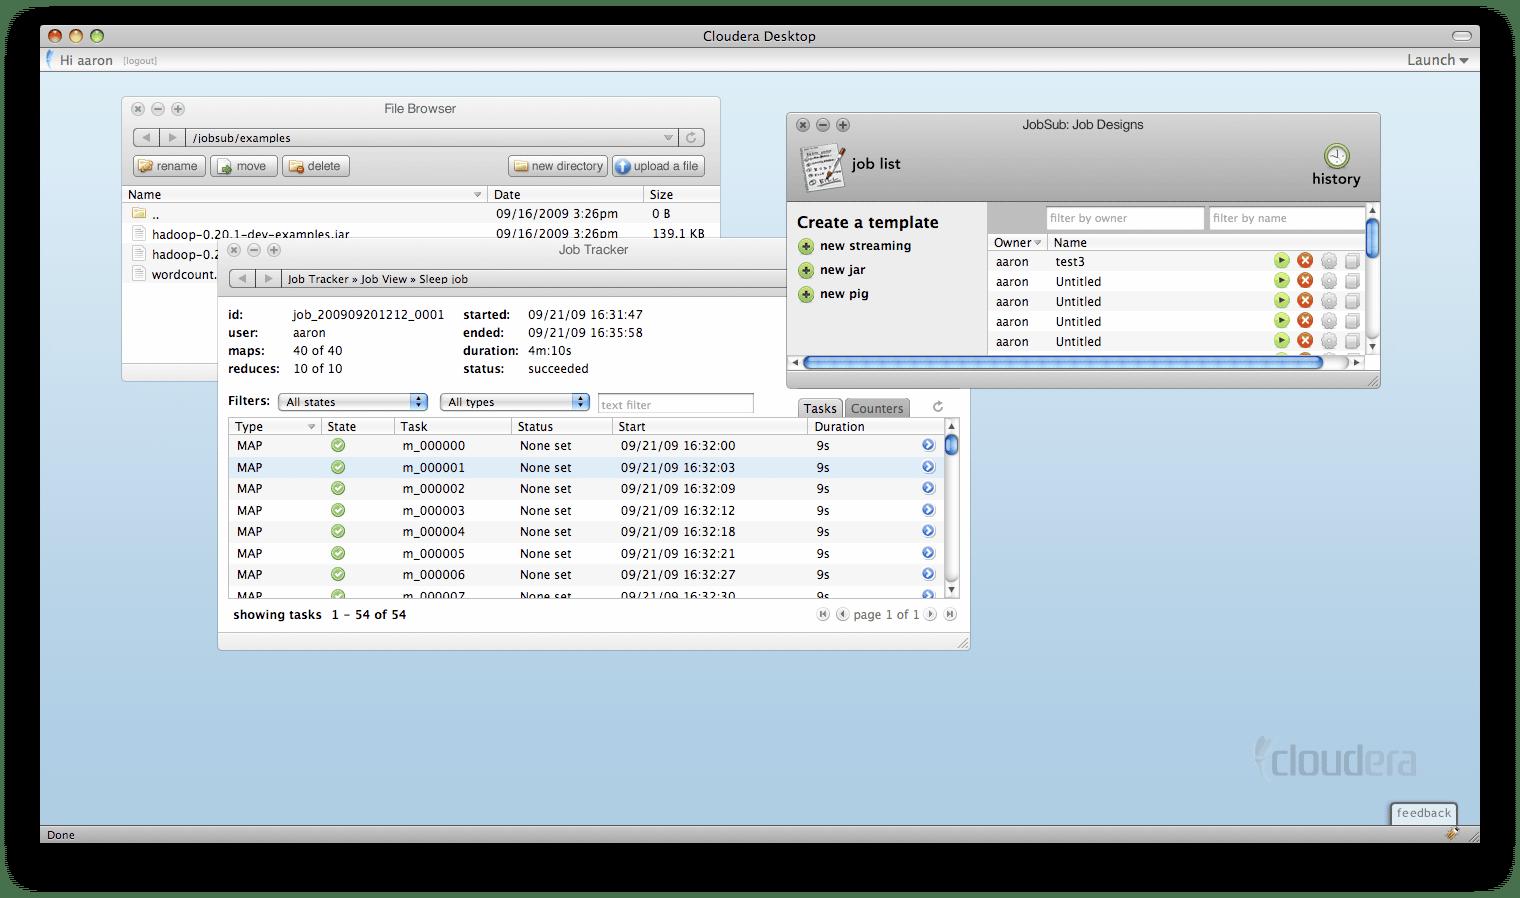 Cloudera lleva más de 5 años creando software y otras aplicaciones de Big Data.